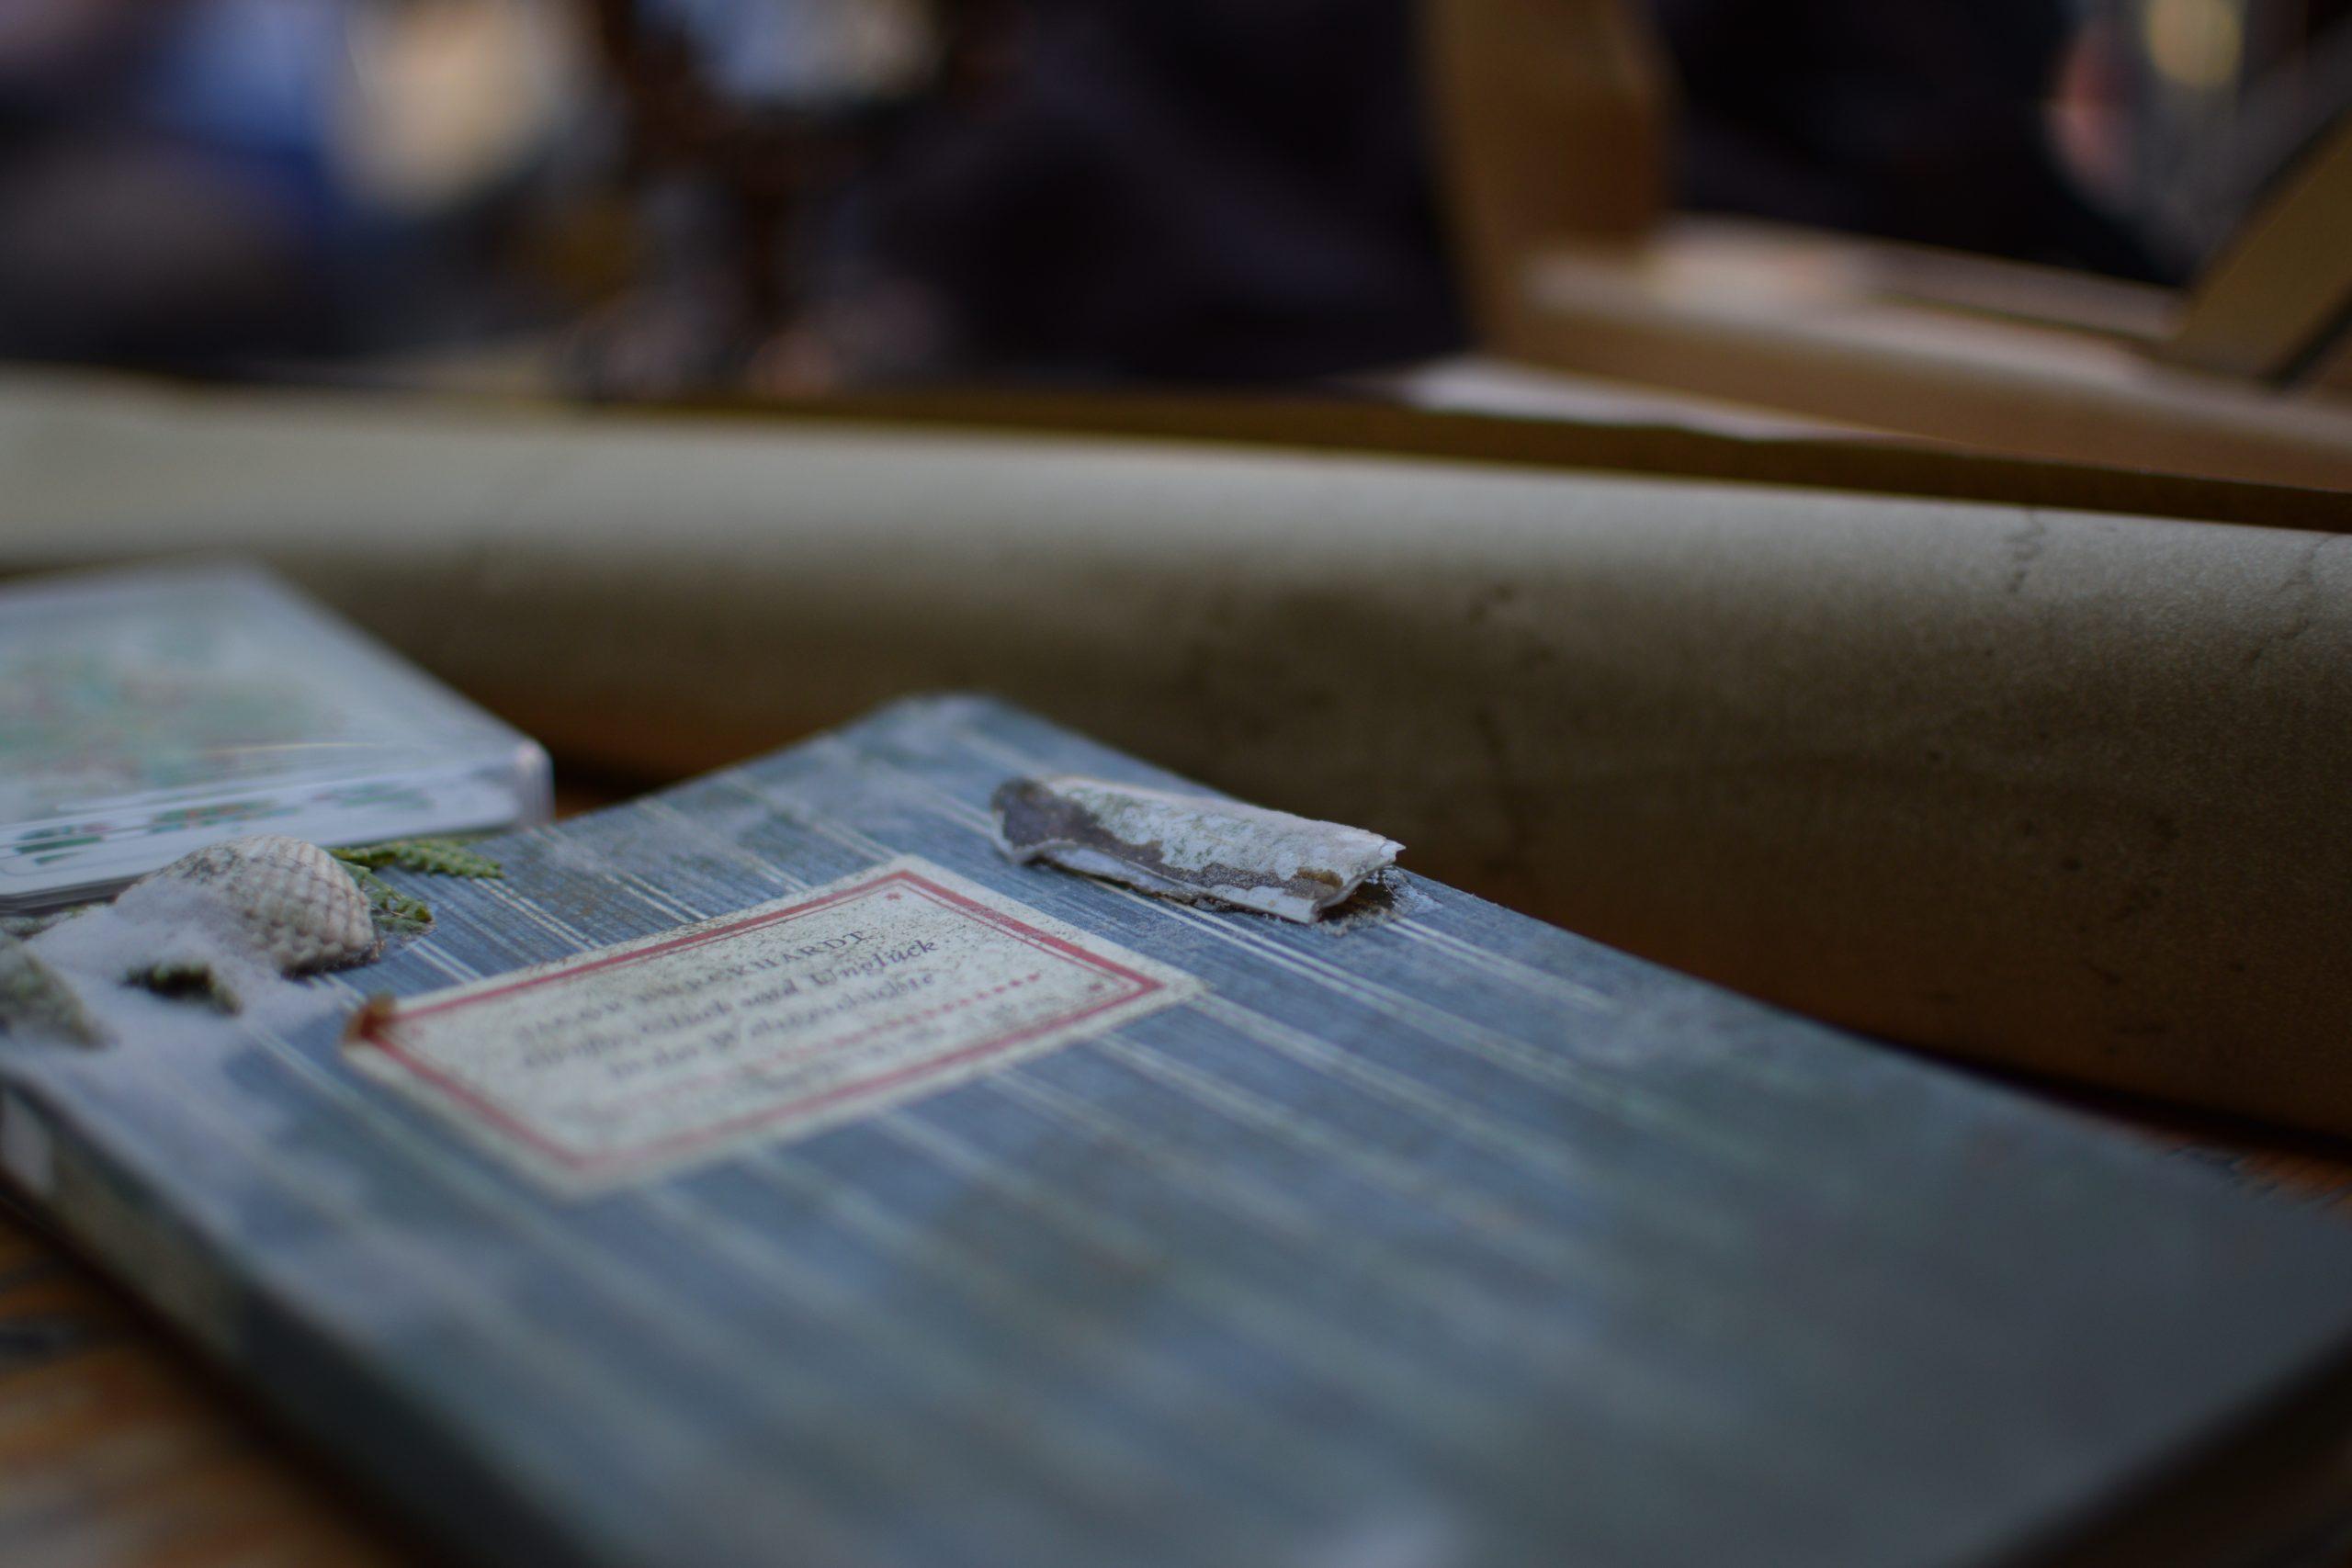 Blaues Buch, auf dem ein paar Muscheln liegen